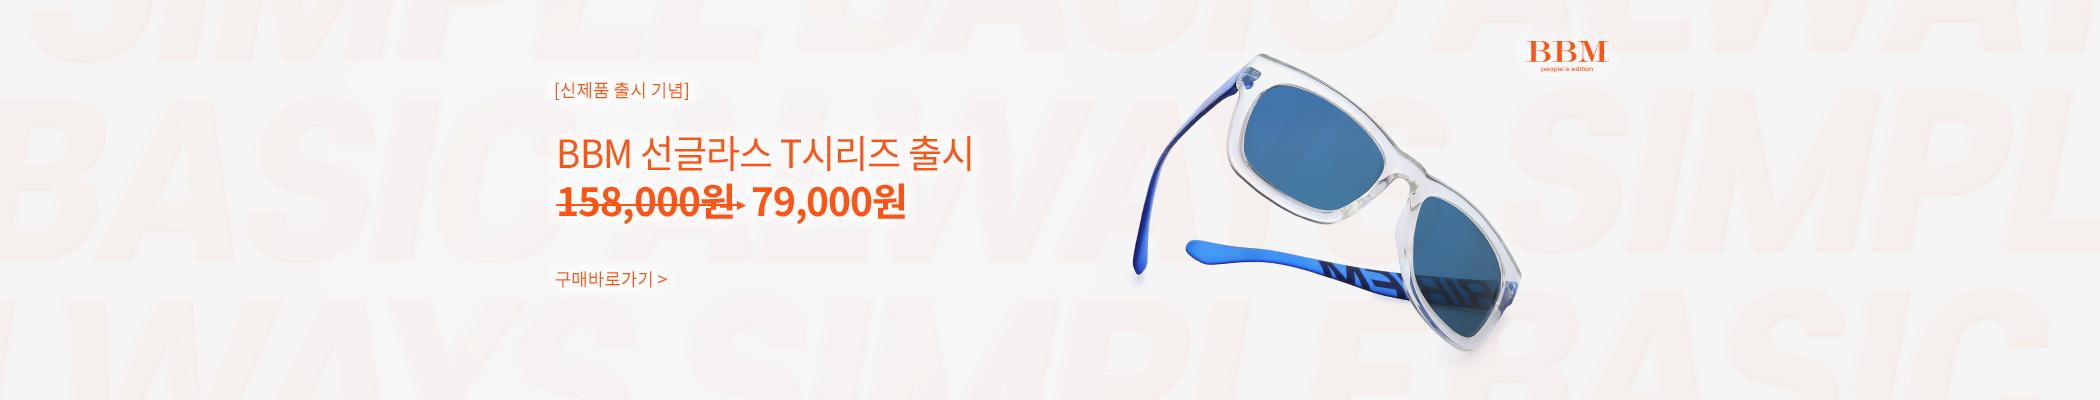 BBM 피플스 에디션 선글라스 T 시리즈 출시 기념